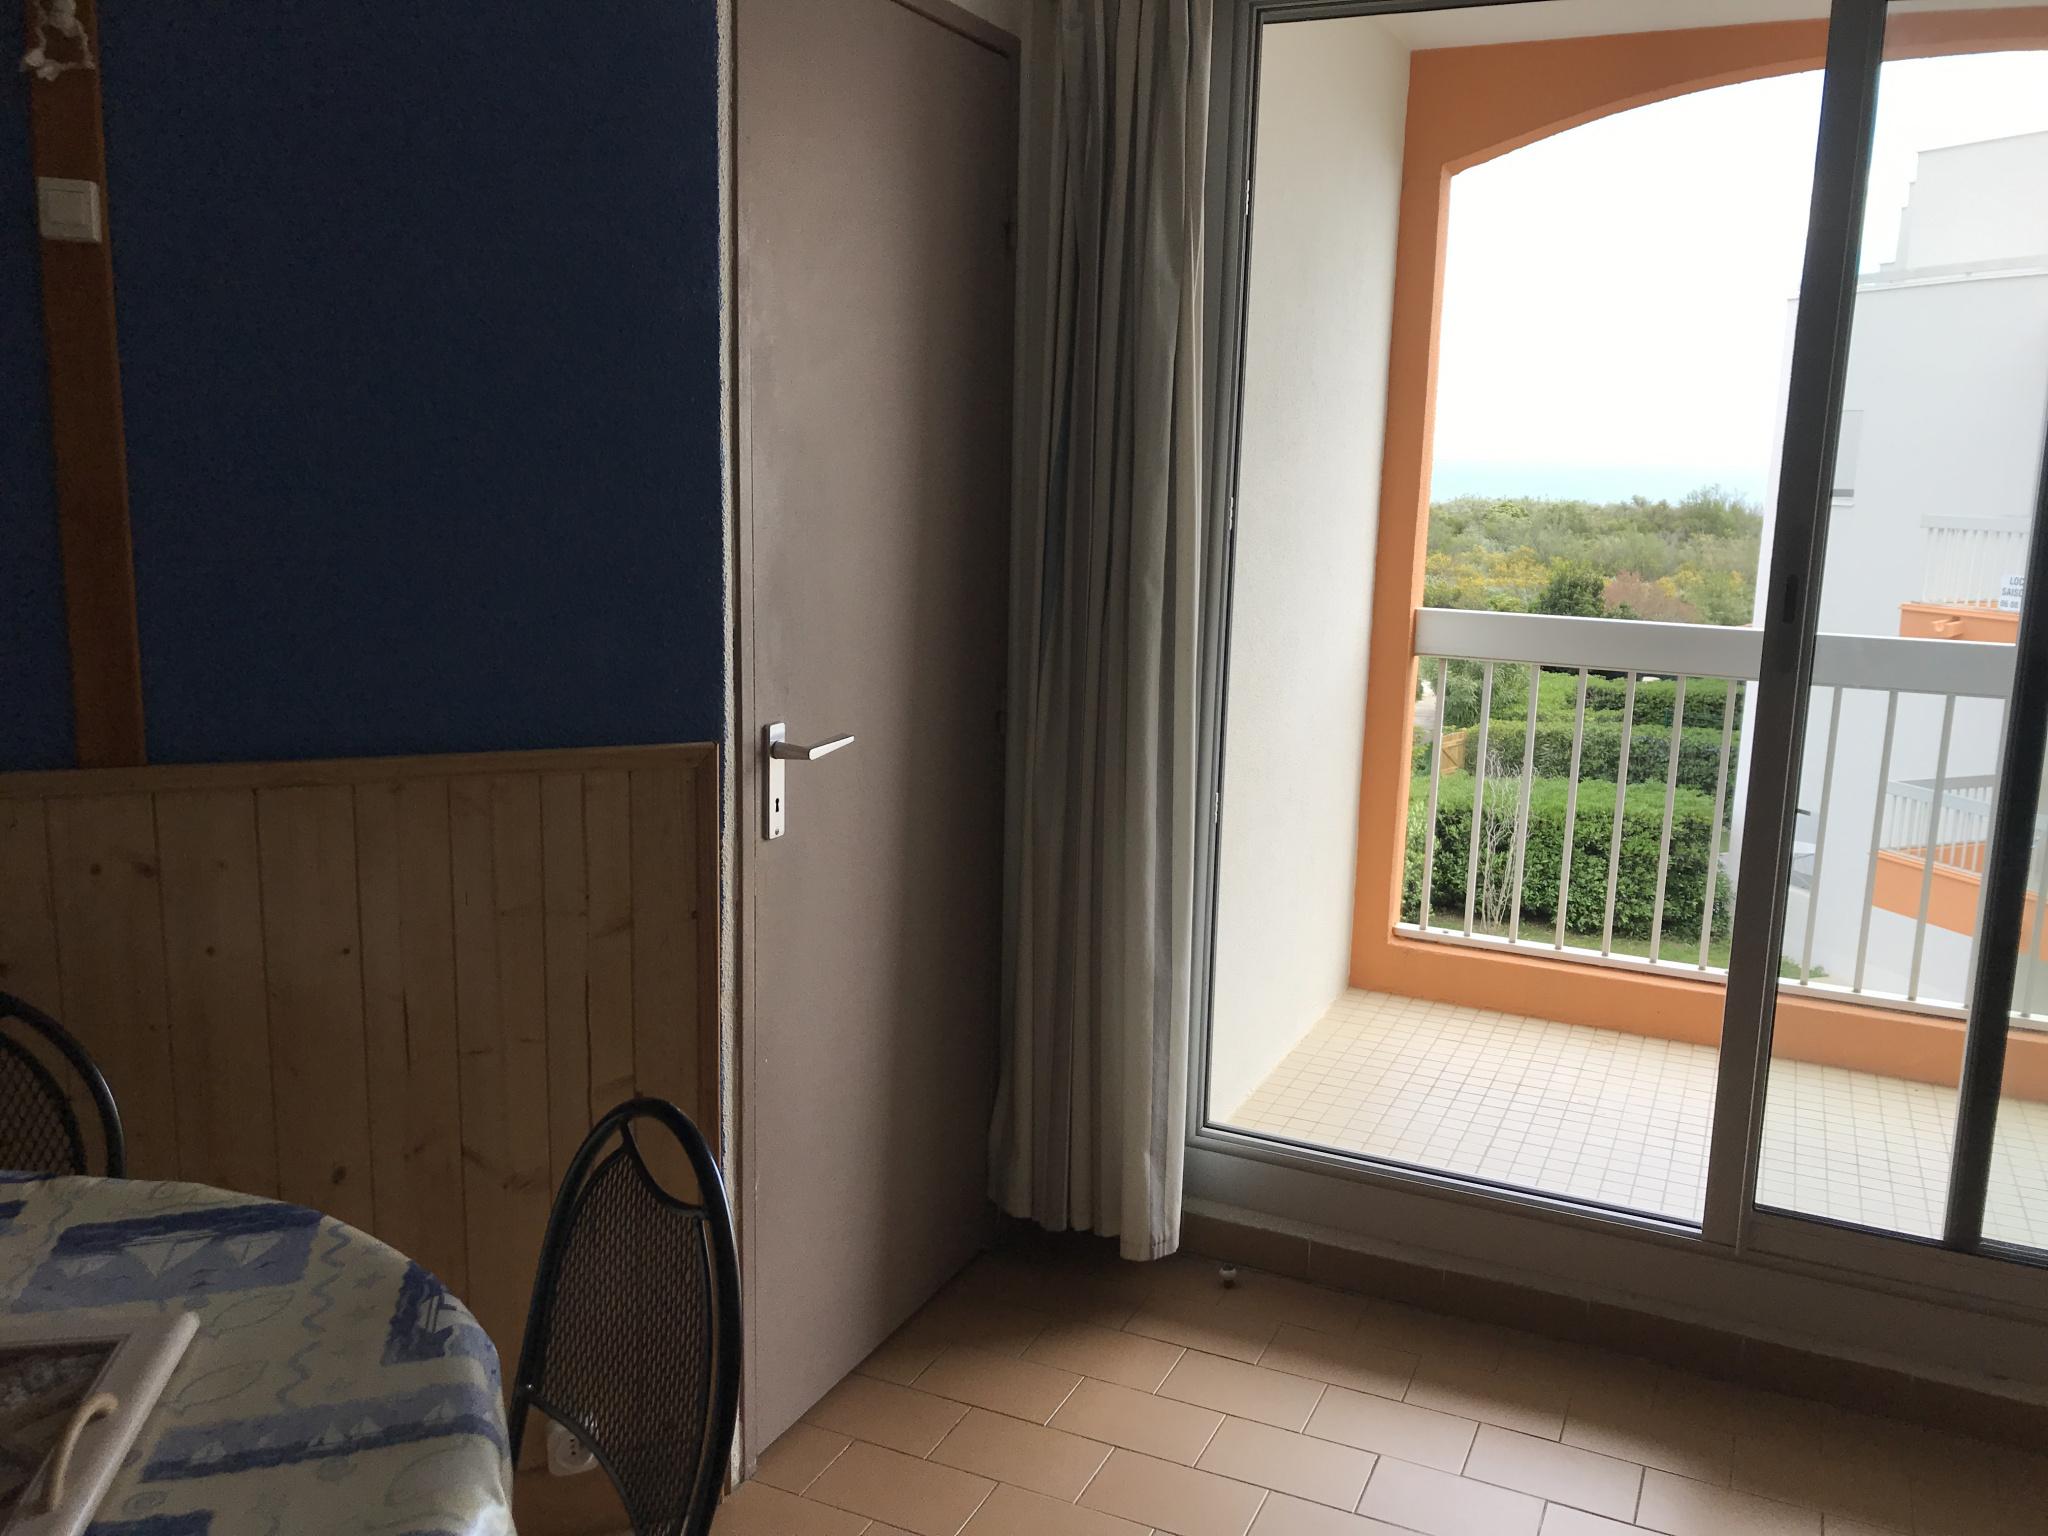 À vendre appartement de 36.46m2 à st cyprien plage (66750) - Photo 15'